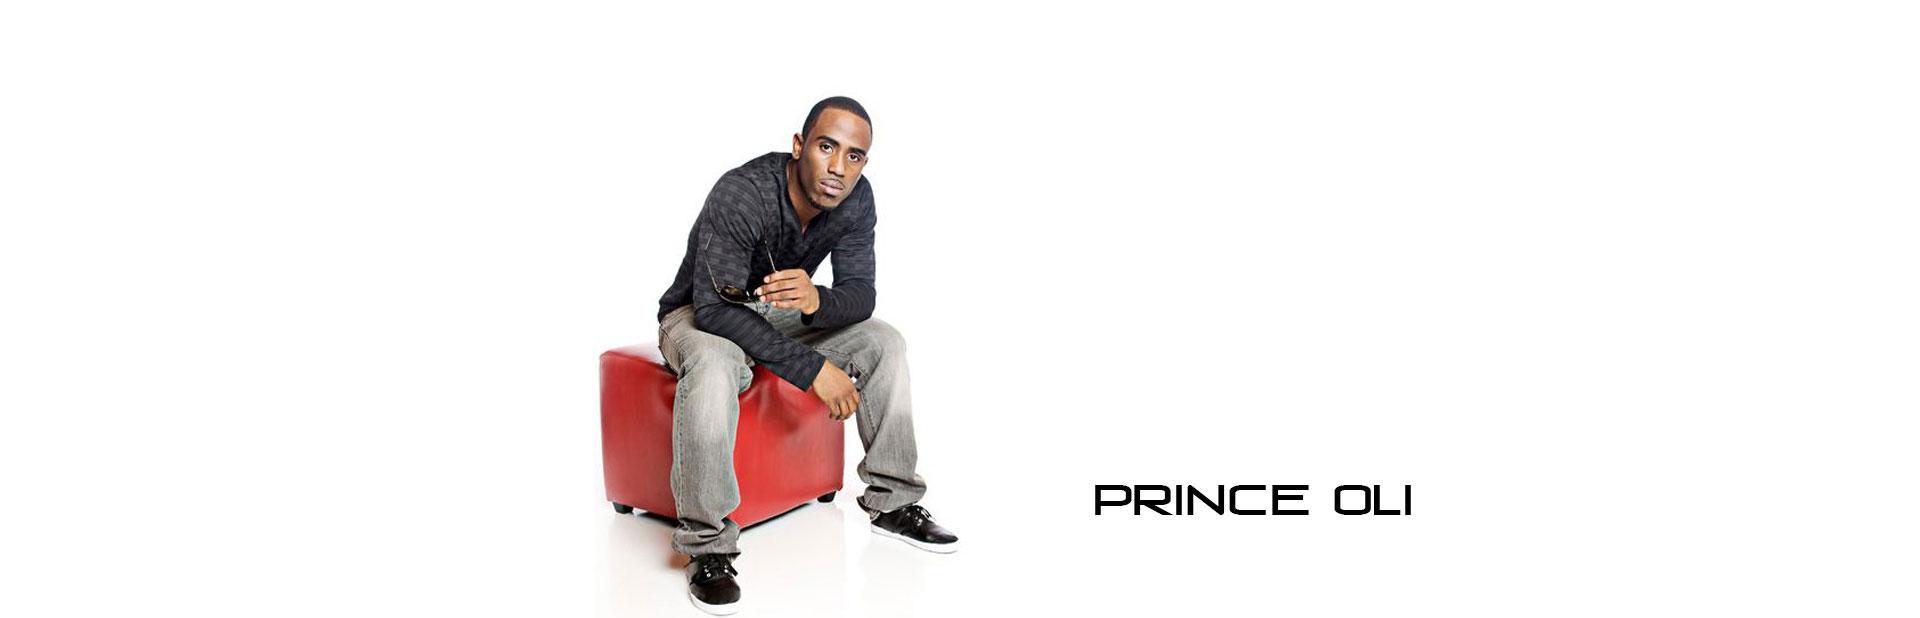 Prince Oli1